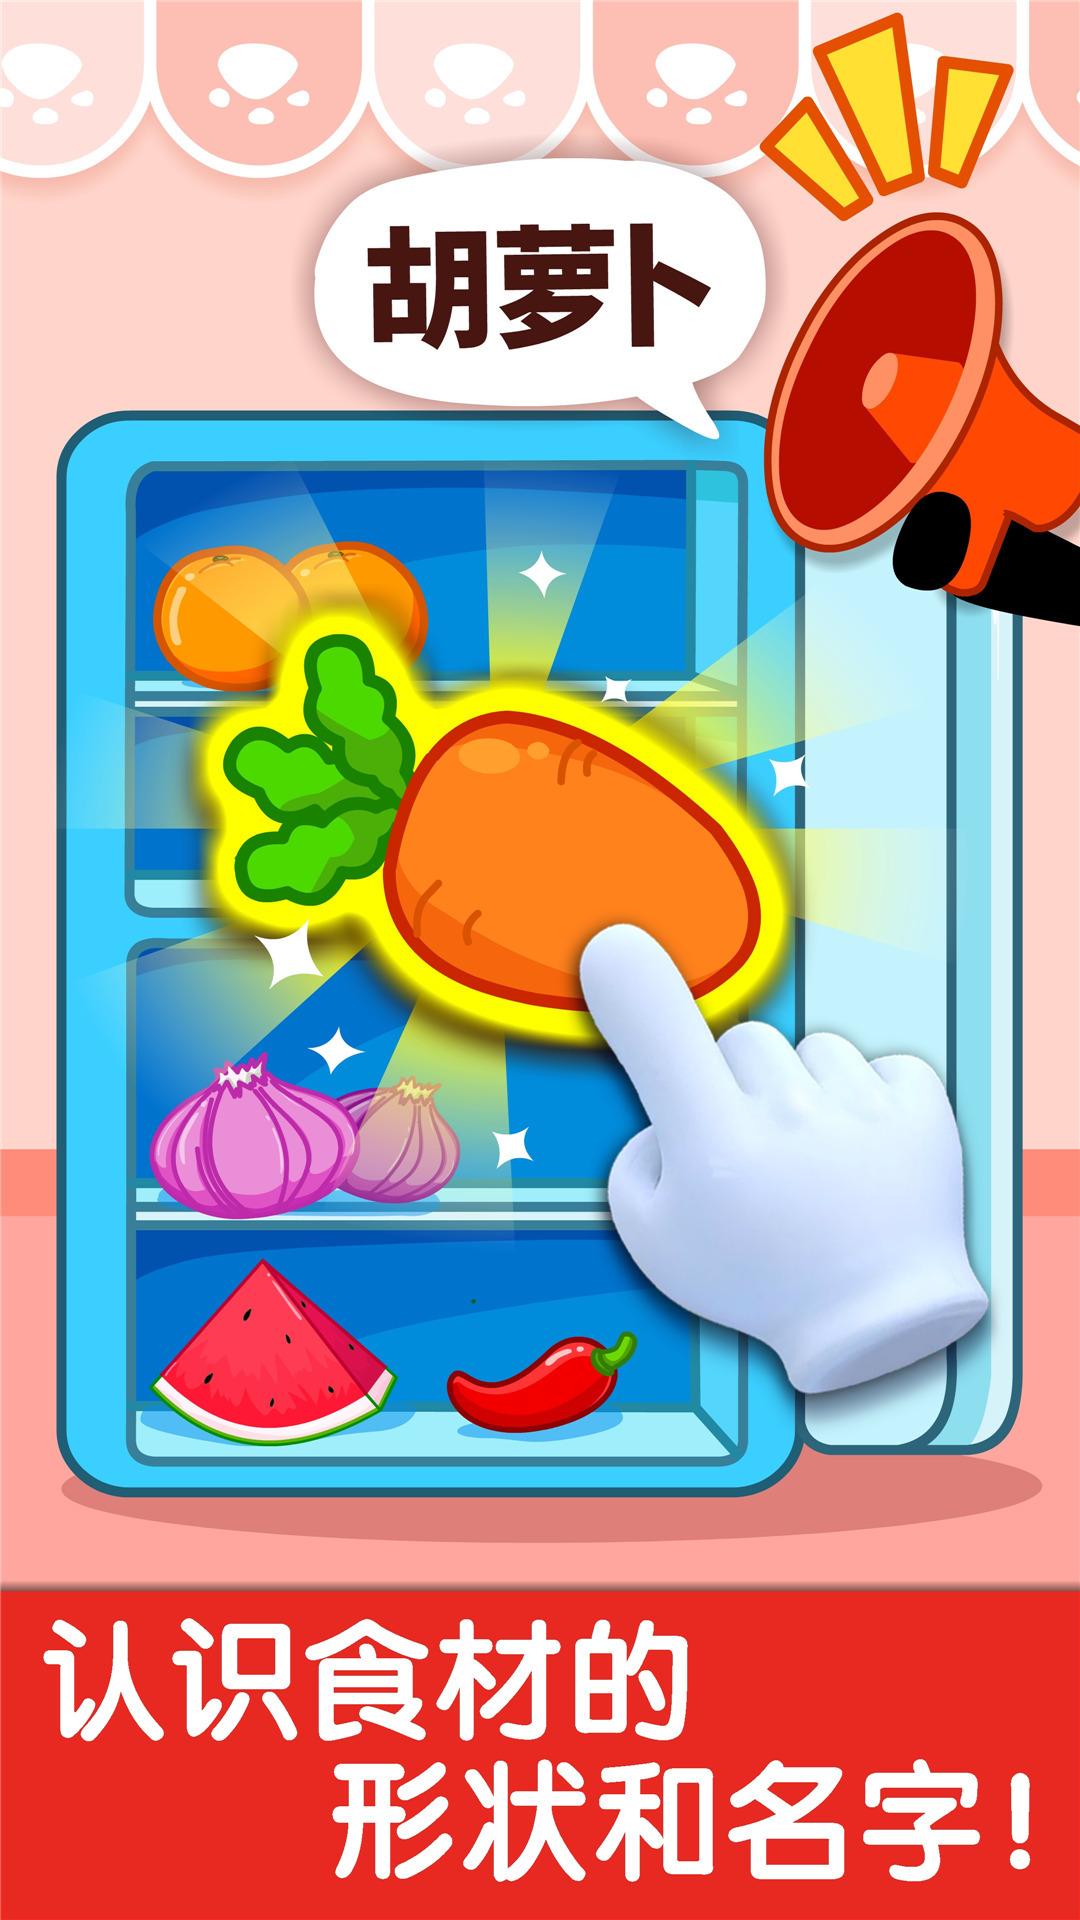 宝宝小厨房游戏 V9.50.00.00 安卓版截图2